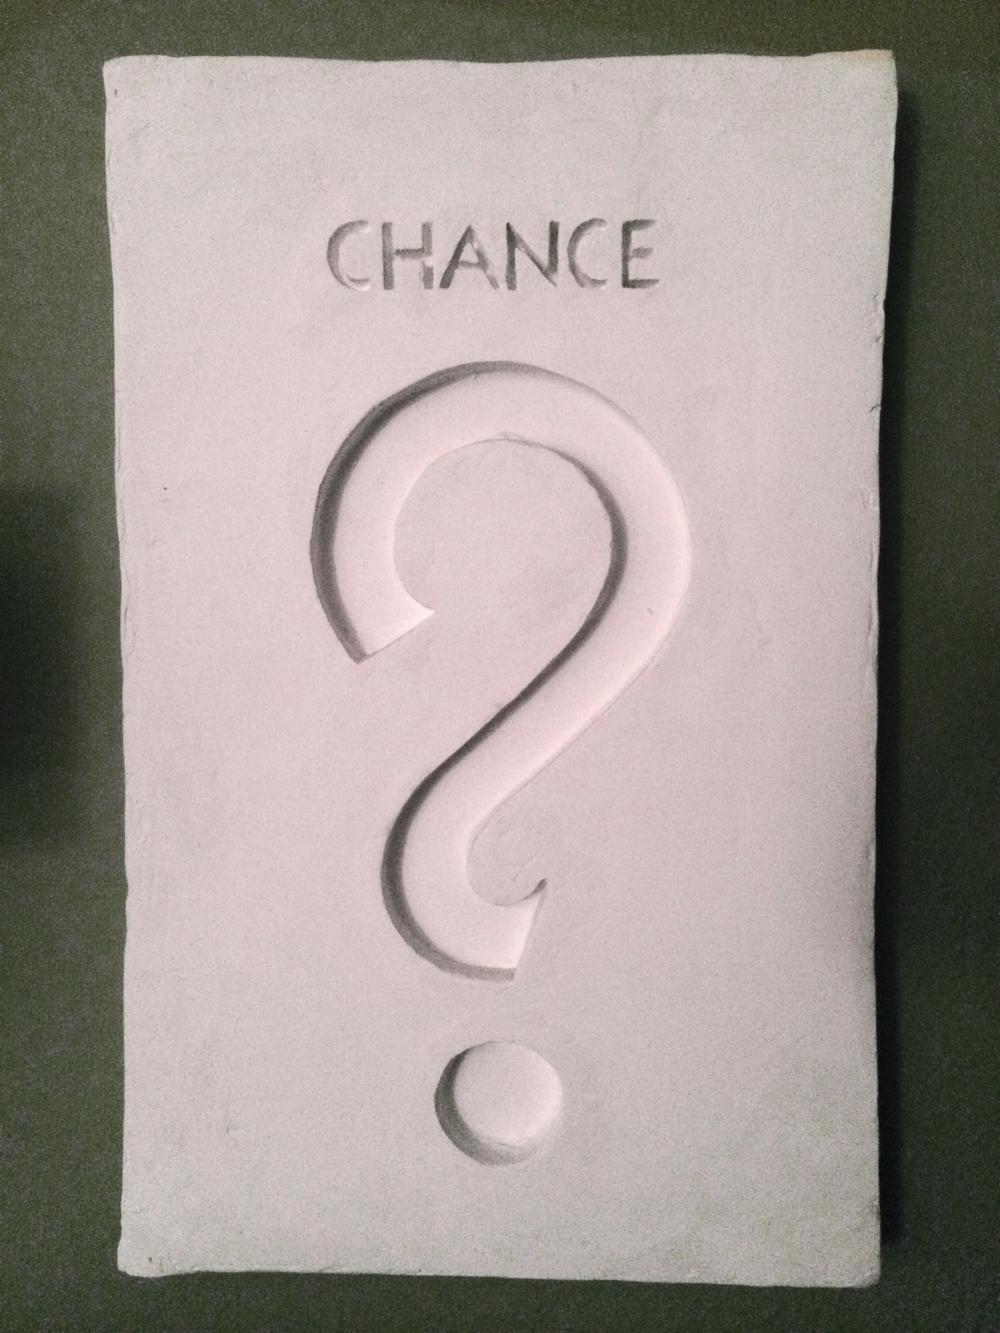 Chance jpg.jpg